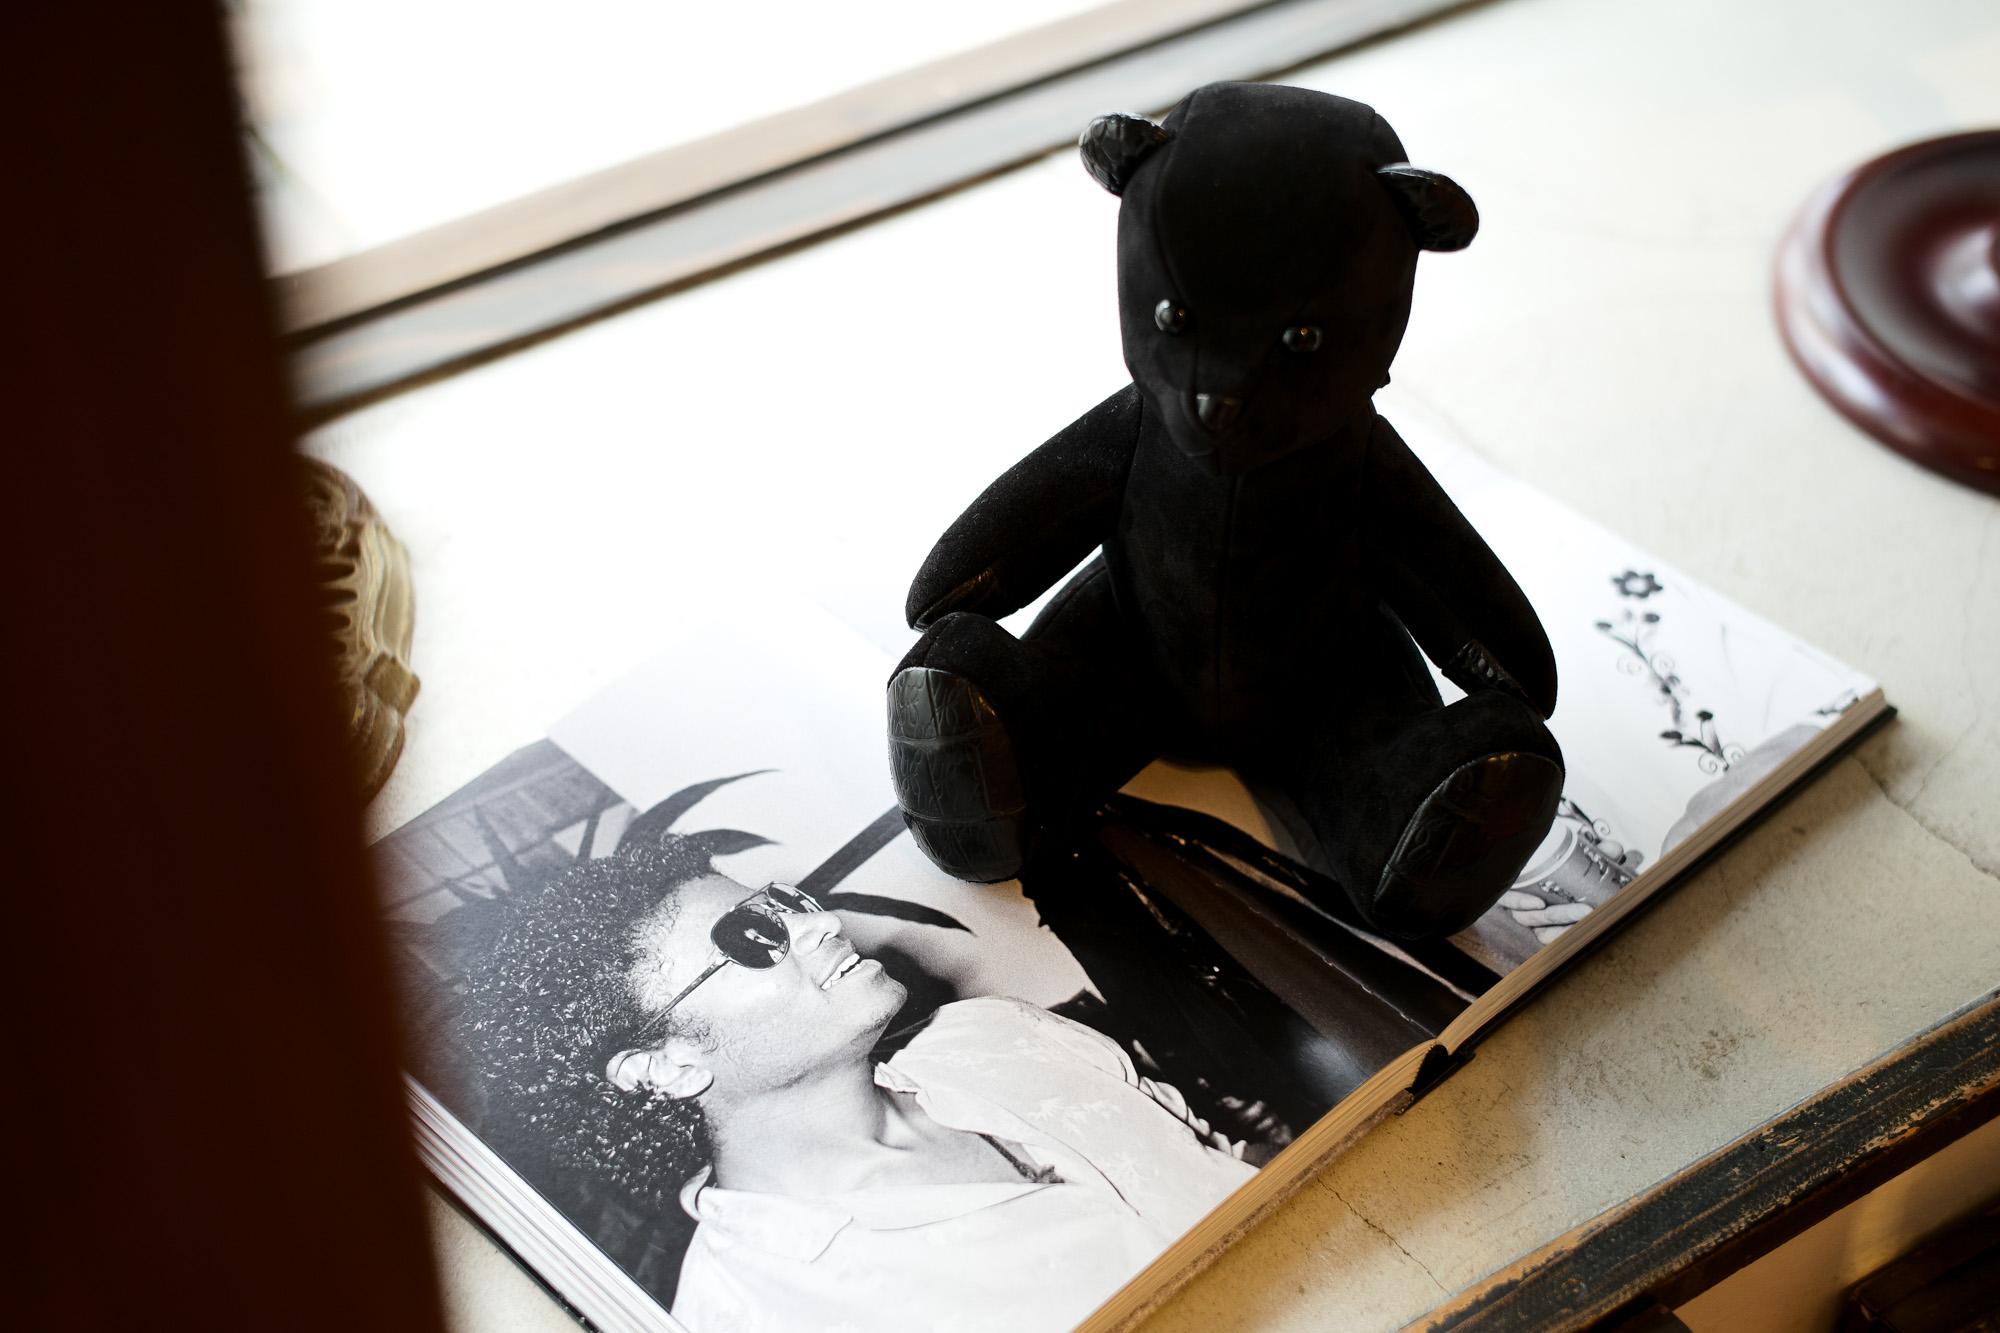 Yohei Fukuda The Teddy Bear ヨウヘイフクダ テディベア Alto e Diritto altoediritto アルトエデリット 愛知 名古屋 お客さまから何世代も受け継ぐ事の出来るテディベアが欲しいといったご要望から、パターンから手作りでテディベアを製作しました。もし靴職人が本気でテディベアを作ったら?といったコンセプトを元に靴のディテールを取り入れました。1点1点手作りの為、革や表情がすべて異なります。靴にも使用する厳選した革を使い、手、足、鼻、耳には贅沢なクロコダイルを使用した世界で1つだけのテディベアとなります。ネームプレートにはシリアルナンバー、生年月日が記載されます。お客さまで名前をご記入頂き、お愉しみください。サイズ:H253mm x W230mm x D185mm 素材:本体は牛革スエード   素材:足、手、鼻、耳はクロコダイル(足の裏にロゴが入っております。) 特注品のガラスを目に使用しています。 口は靴にも使われるシャコ止めで縫われています。 背中は靴のようにハトメを採用しています。 付属品:オリジナルポーチ、桐箱付き 日本製